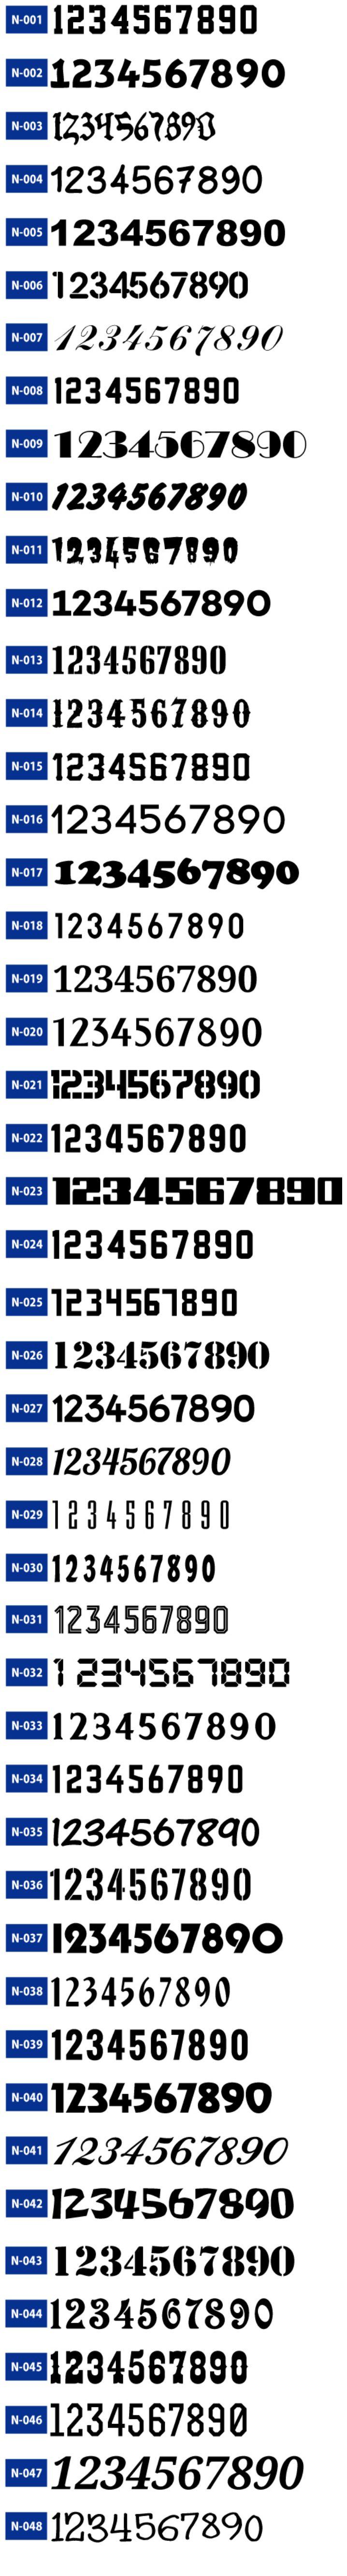 ドッジボール用のオリジナルユニフォームで使用できる数字フォントの一番目。